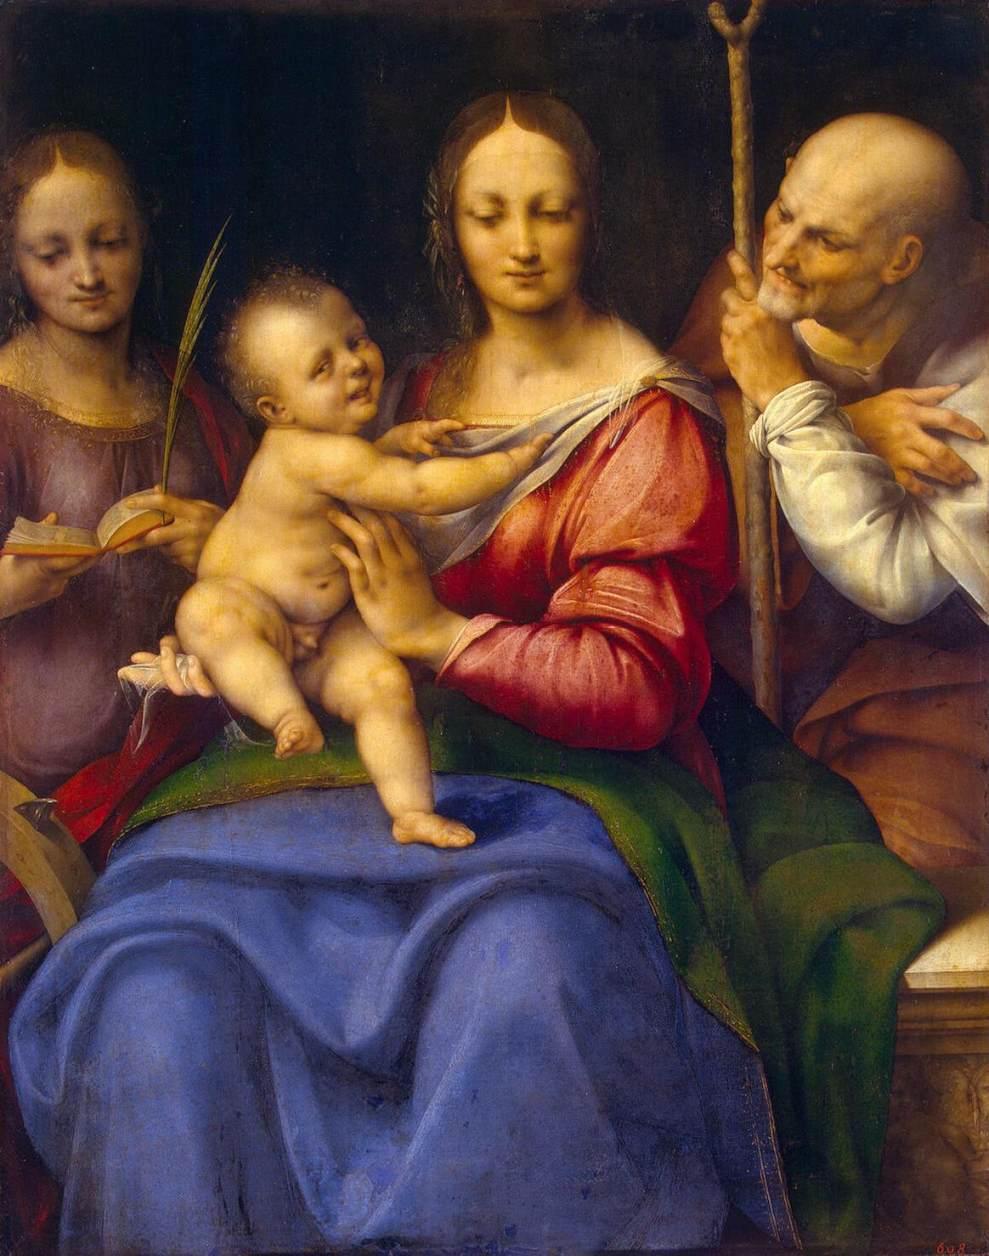 cesare-da-sesto-holy_fam-st-cat1515-20.jpg